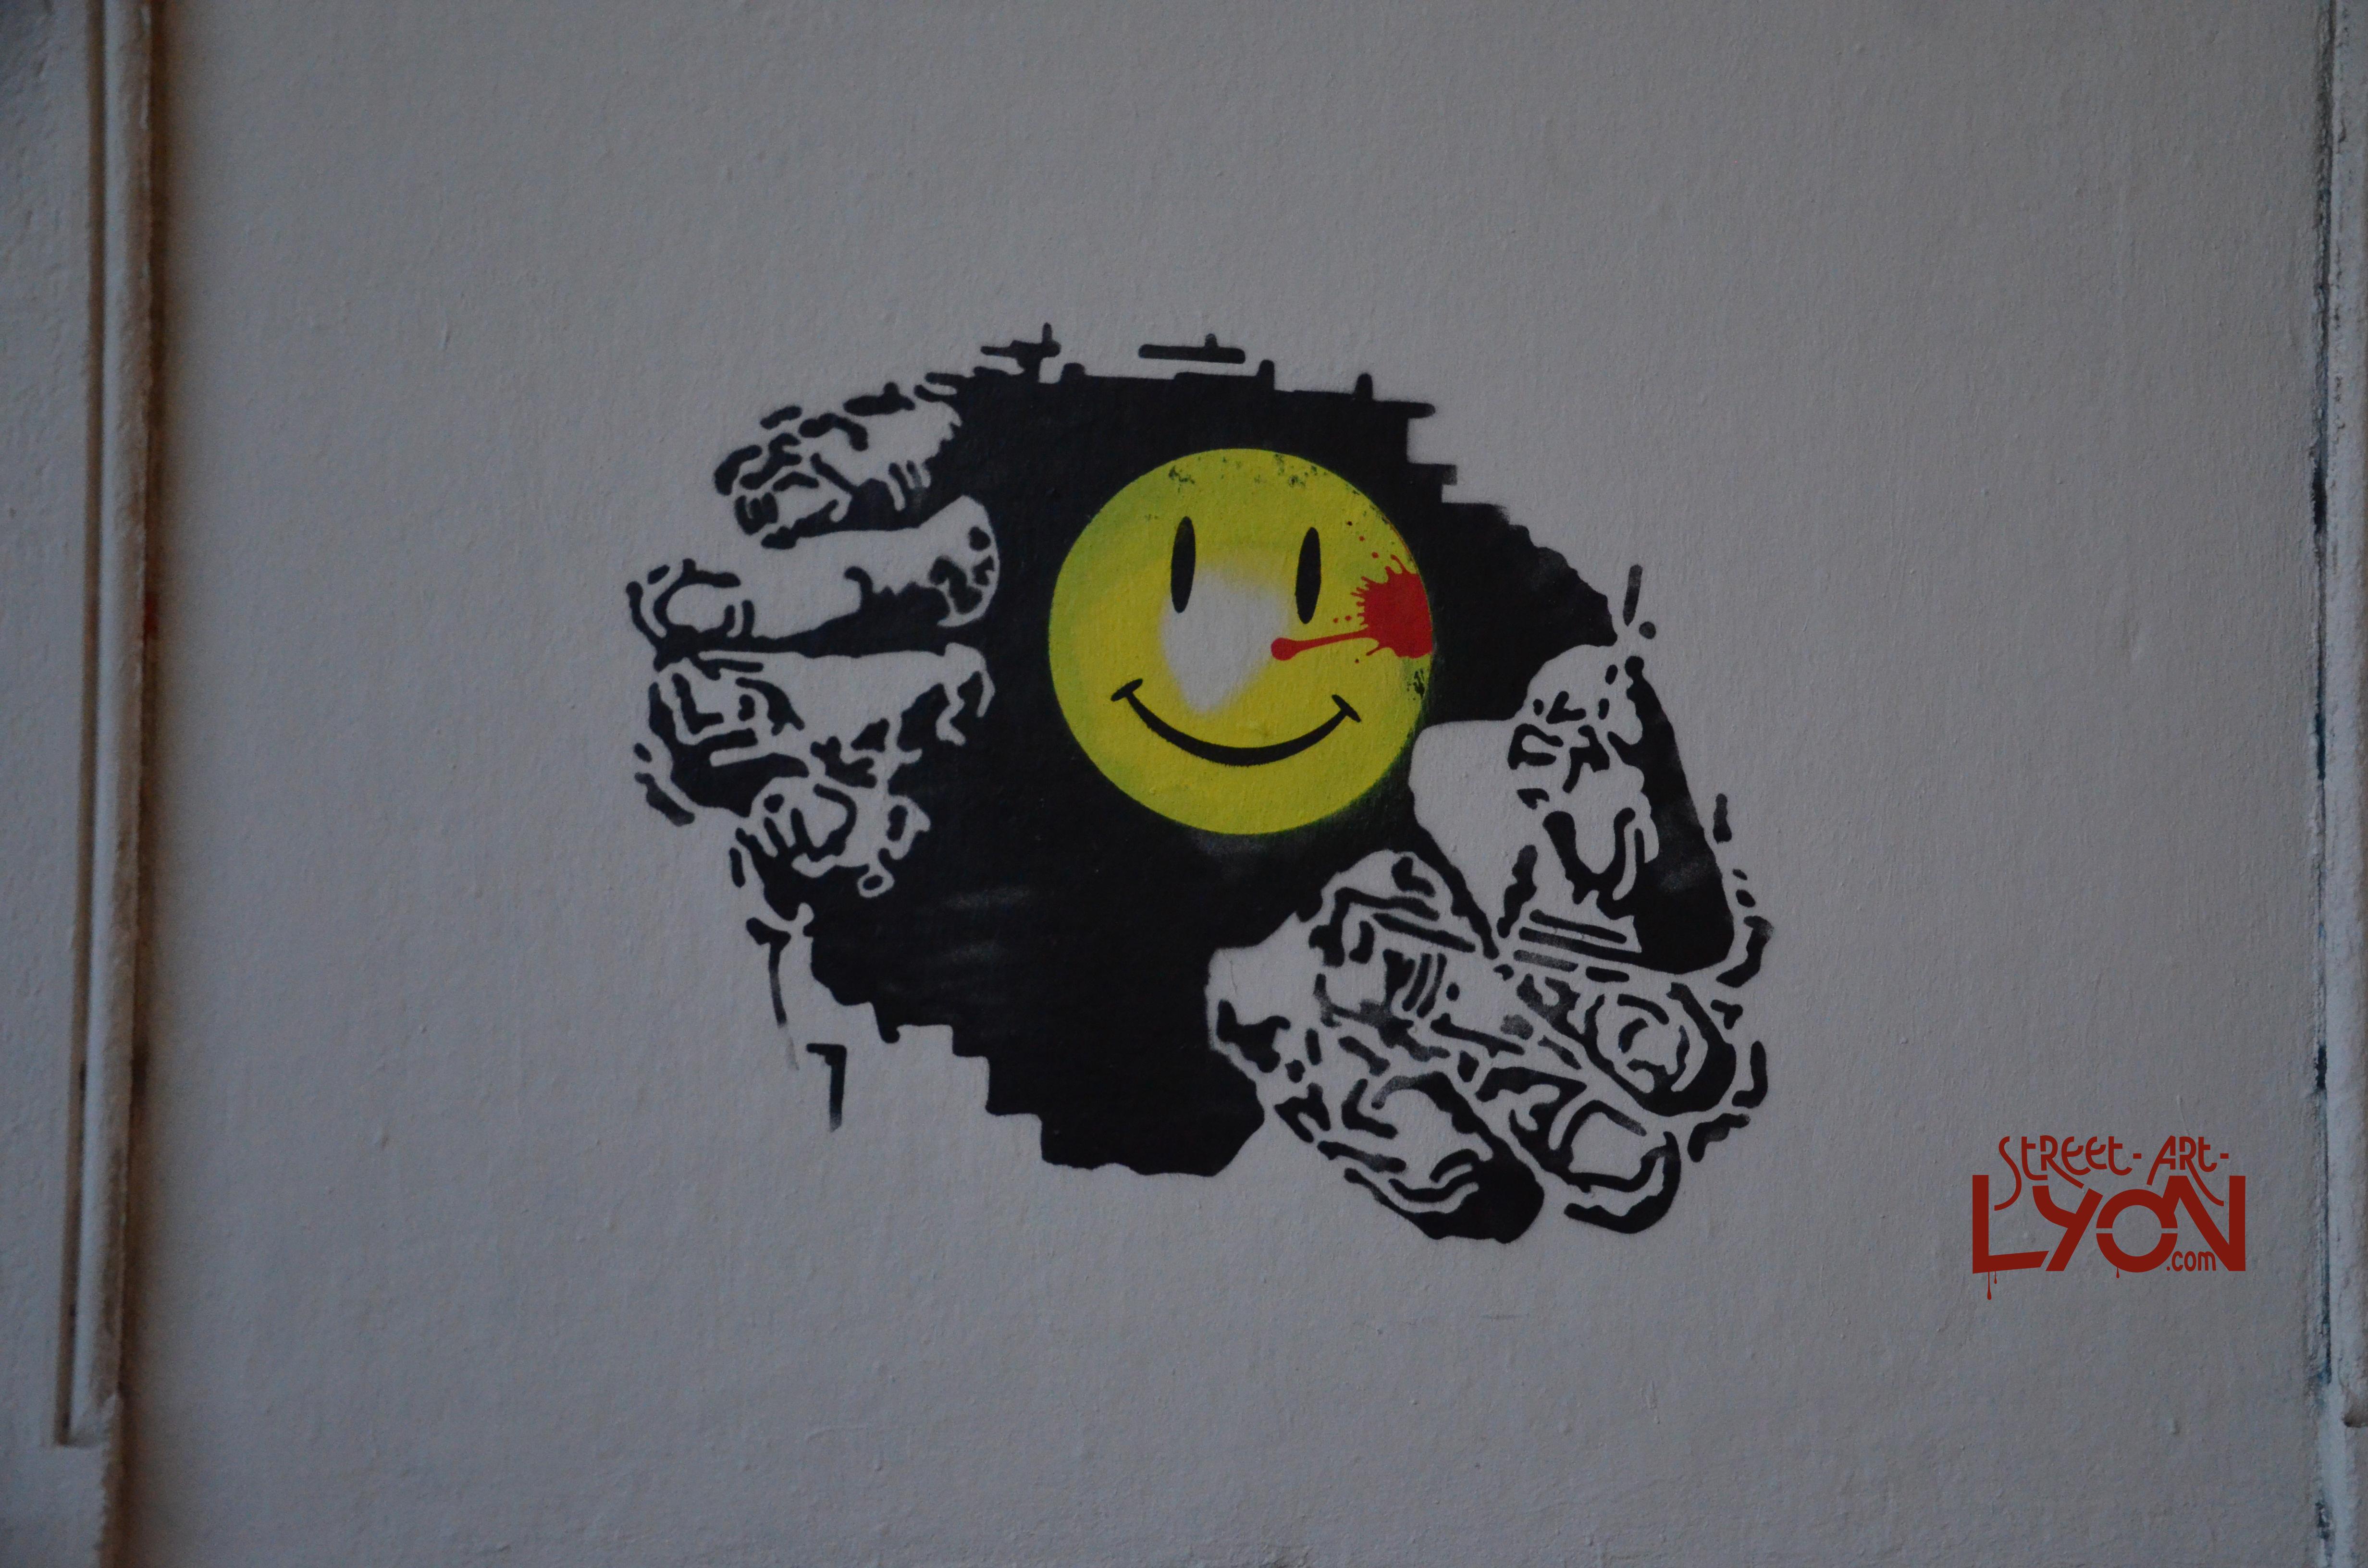 Kilroy-smiley